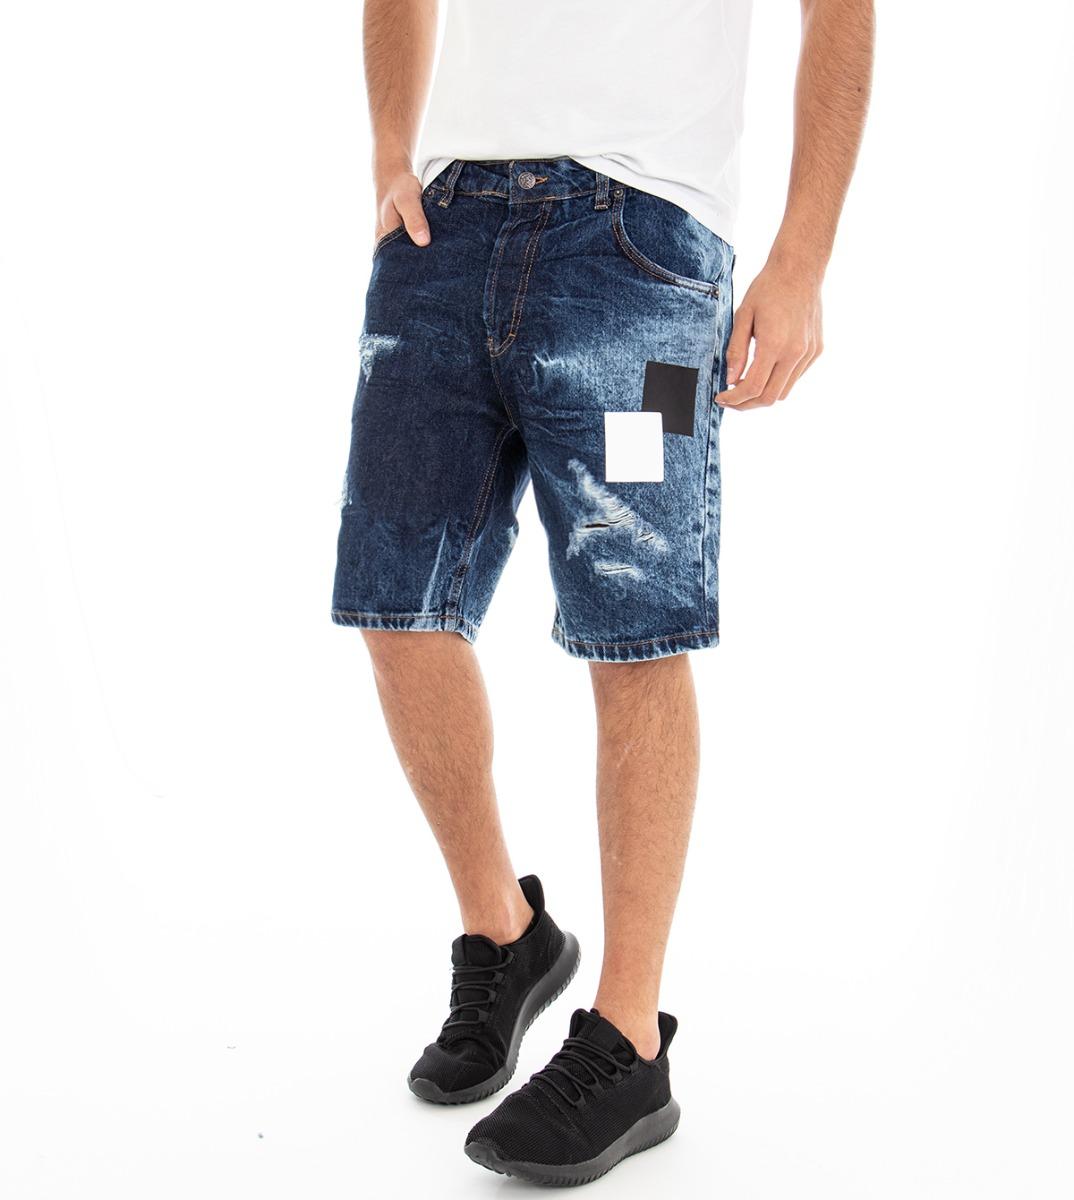 Bermuda Jeans Cinque Tasche Uomo Denim Pantaloncini Pantalone Corto Stone Was... Bianchezza Pura